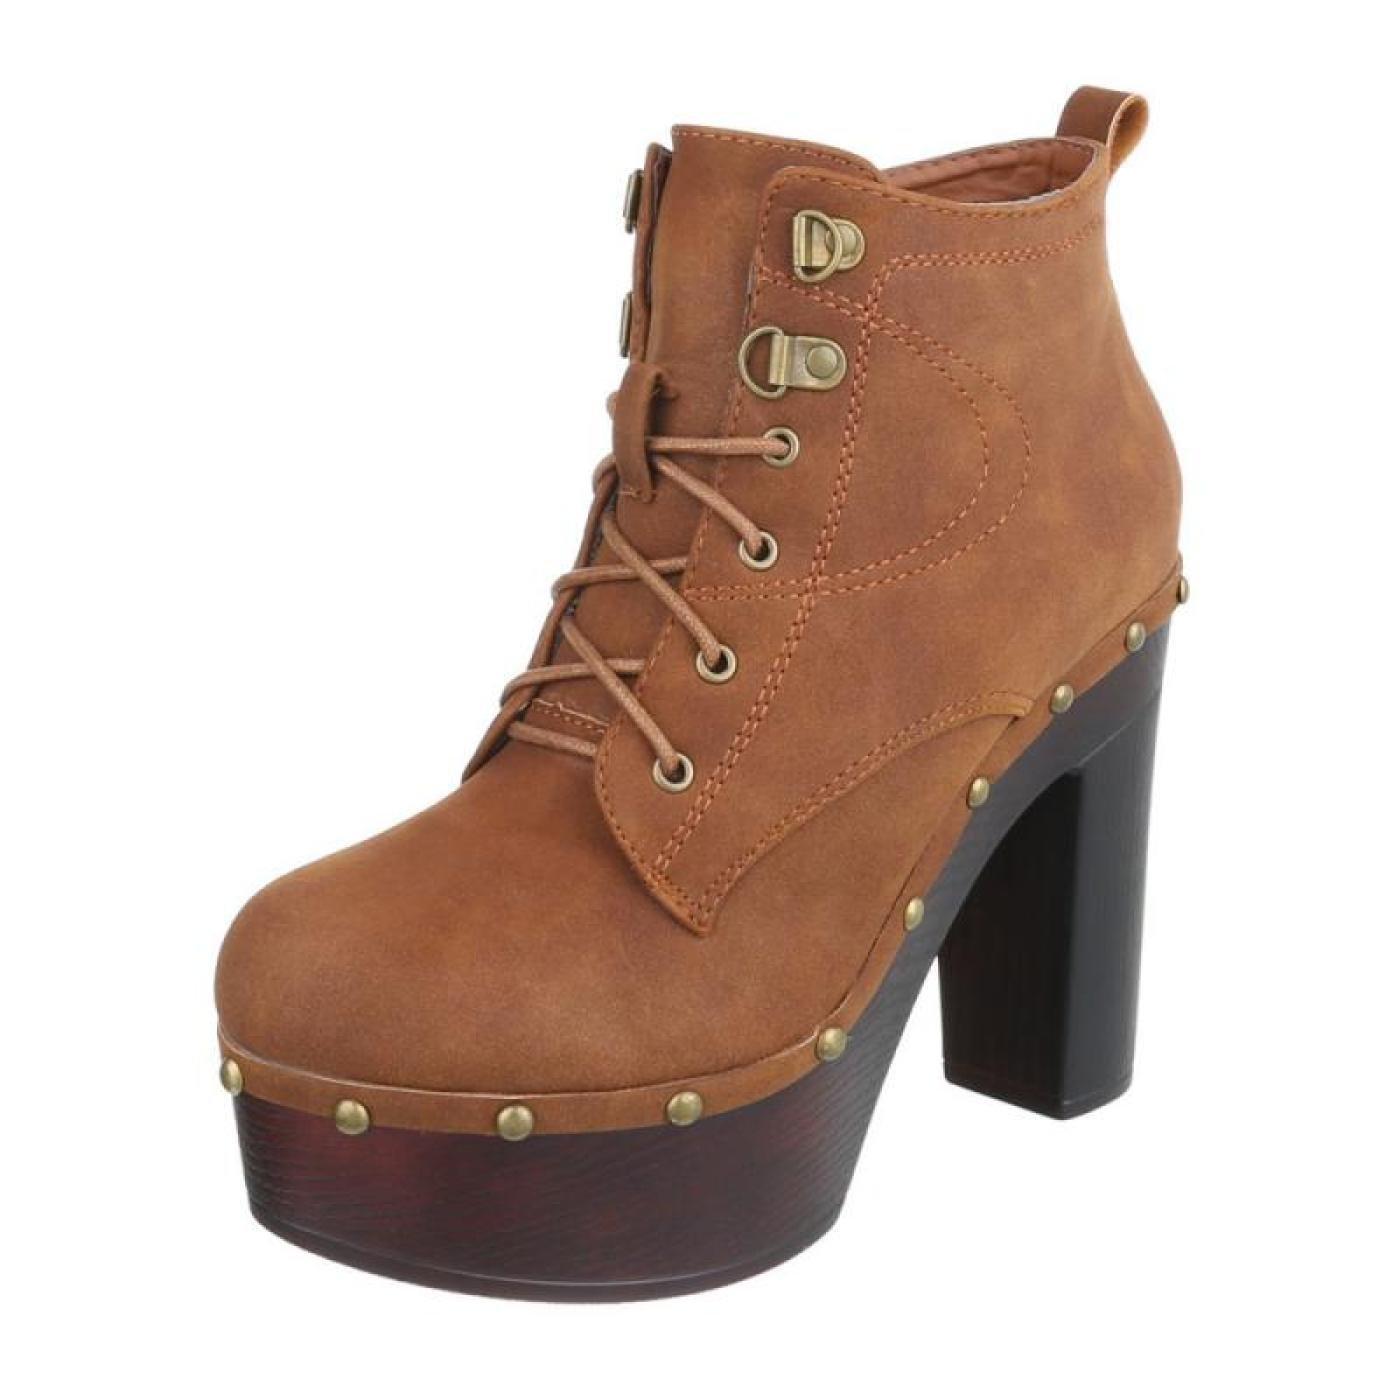 Damen Stiefelette/Plateausohle/Blockabsatz/Halbhohe Stiefel/Damenschuhe/Camel/Braun  2018 Letztes Modell  Mode Schuhe Billig Online-Verkauf